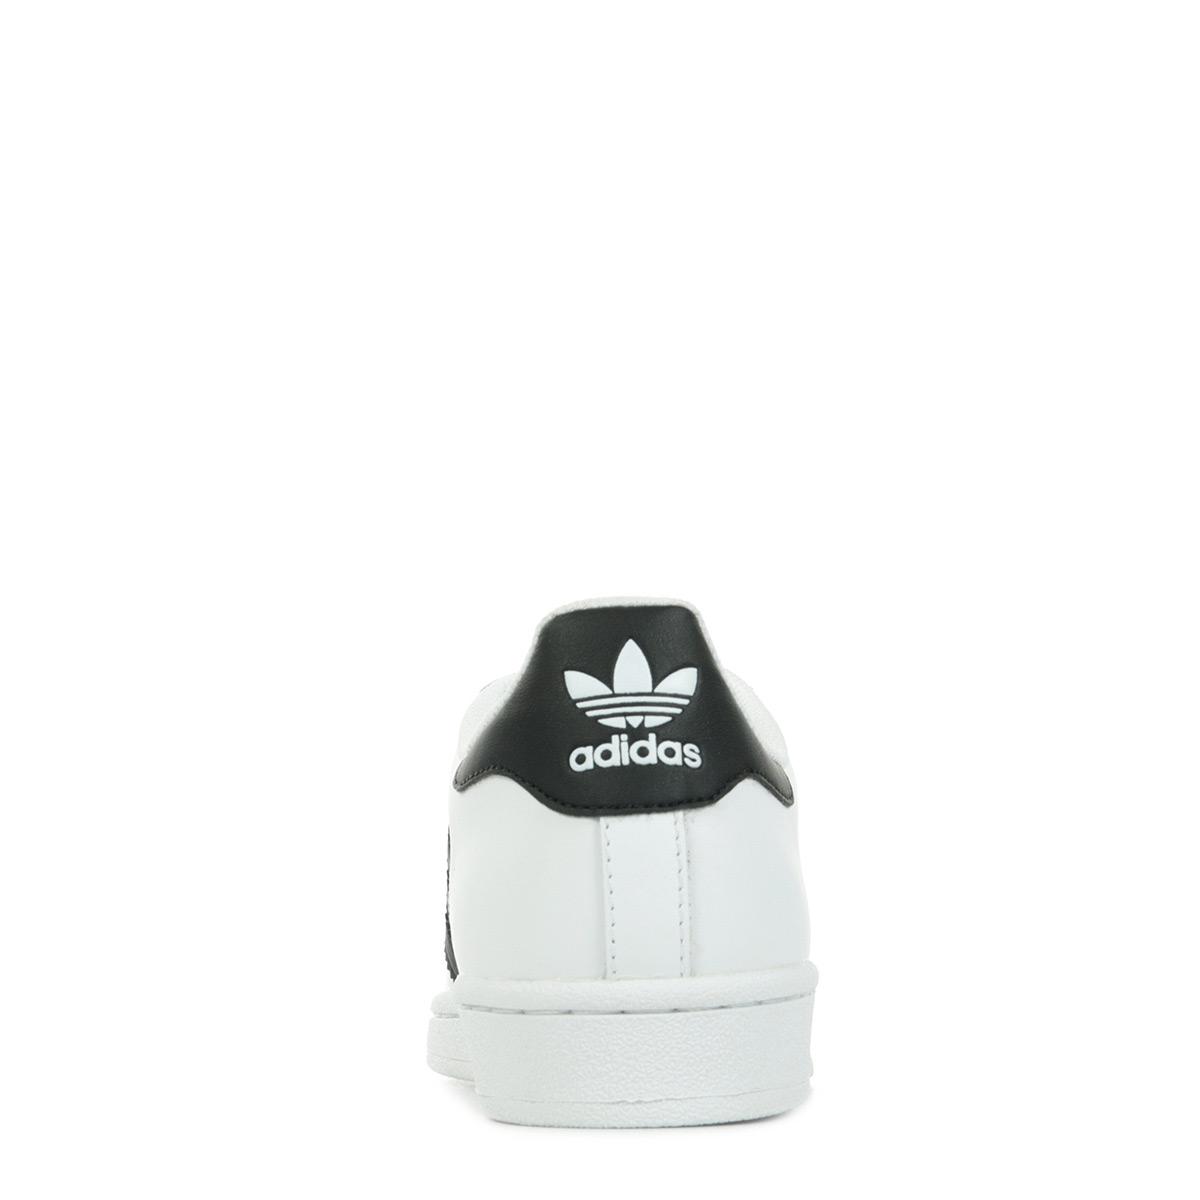 adidas Superstar C77124F, Baskets mode femme